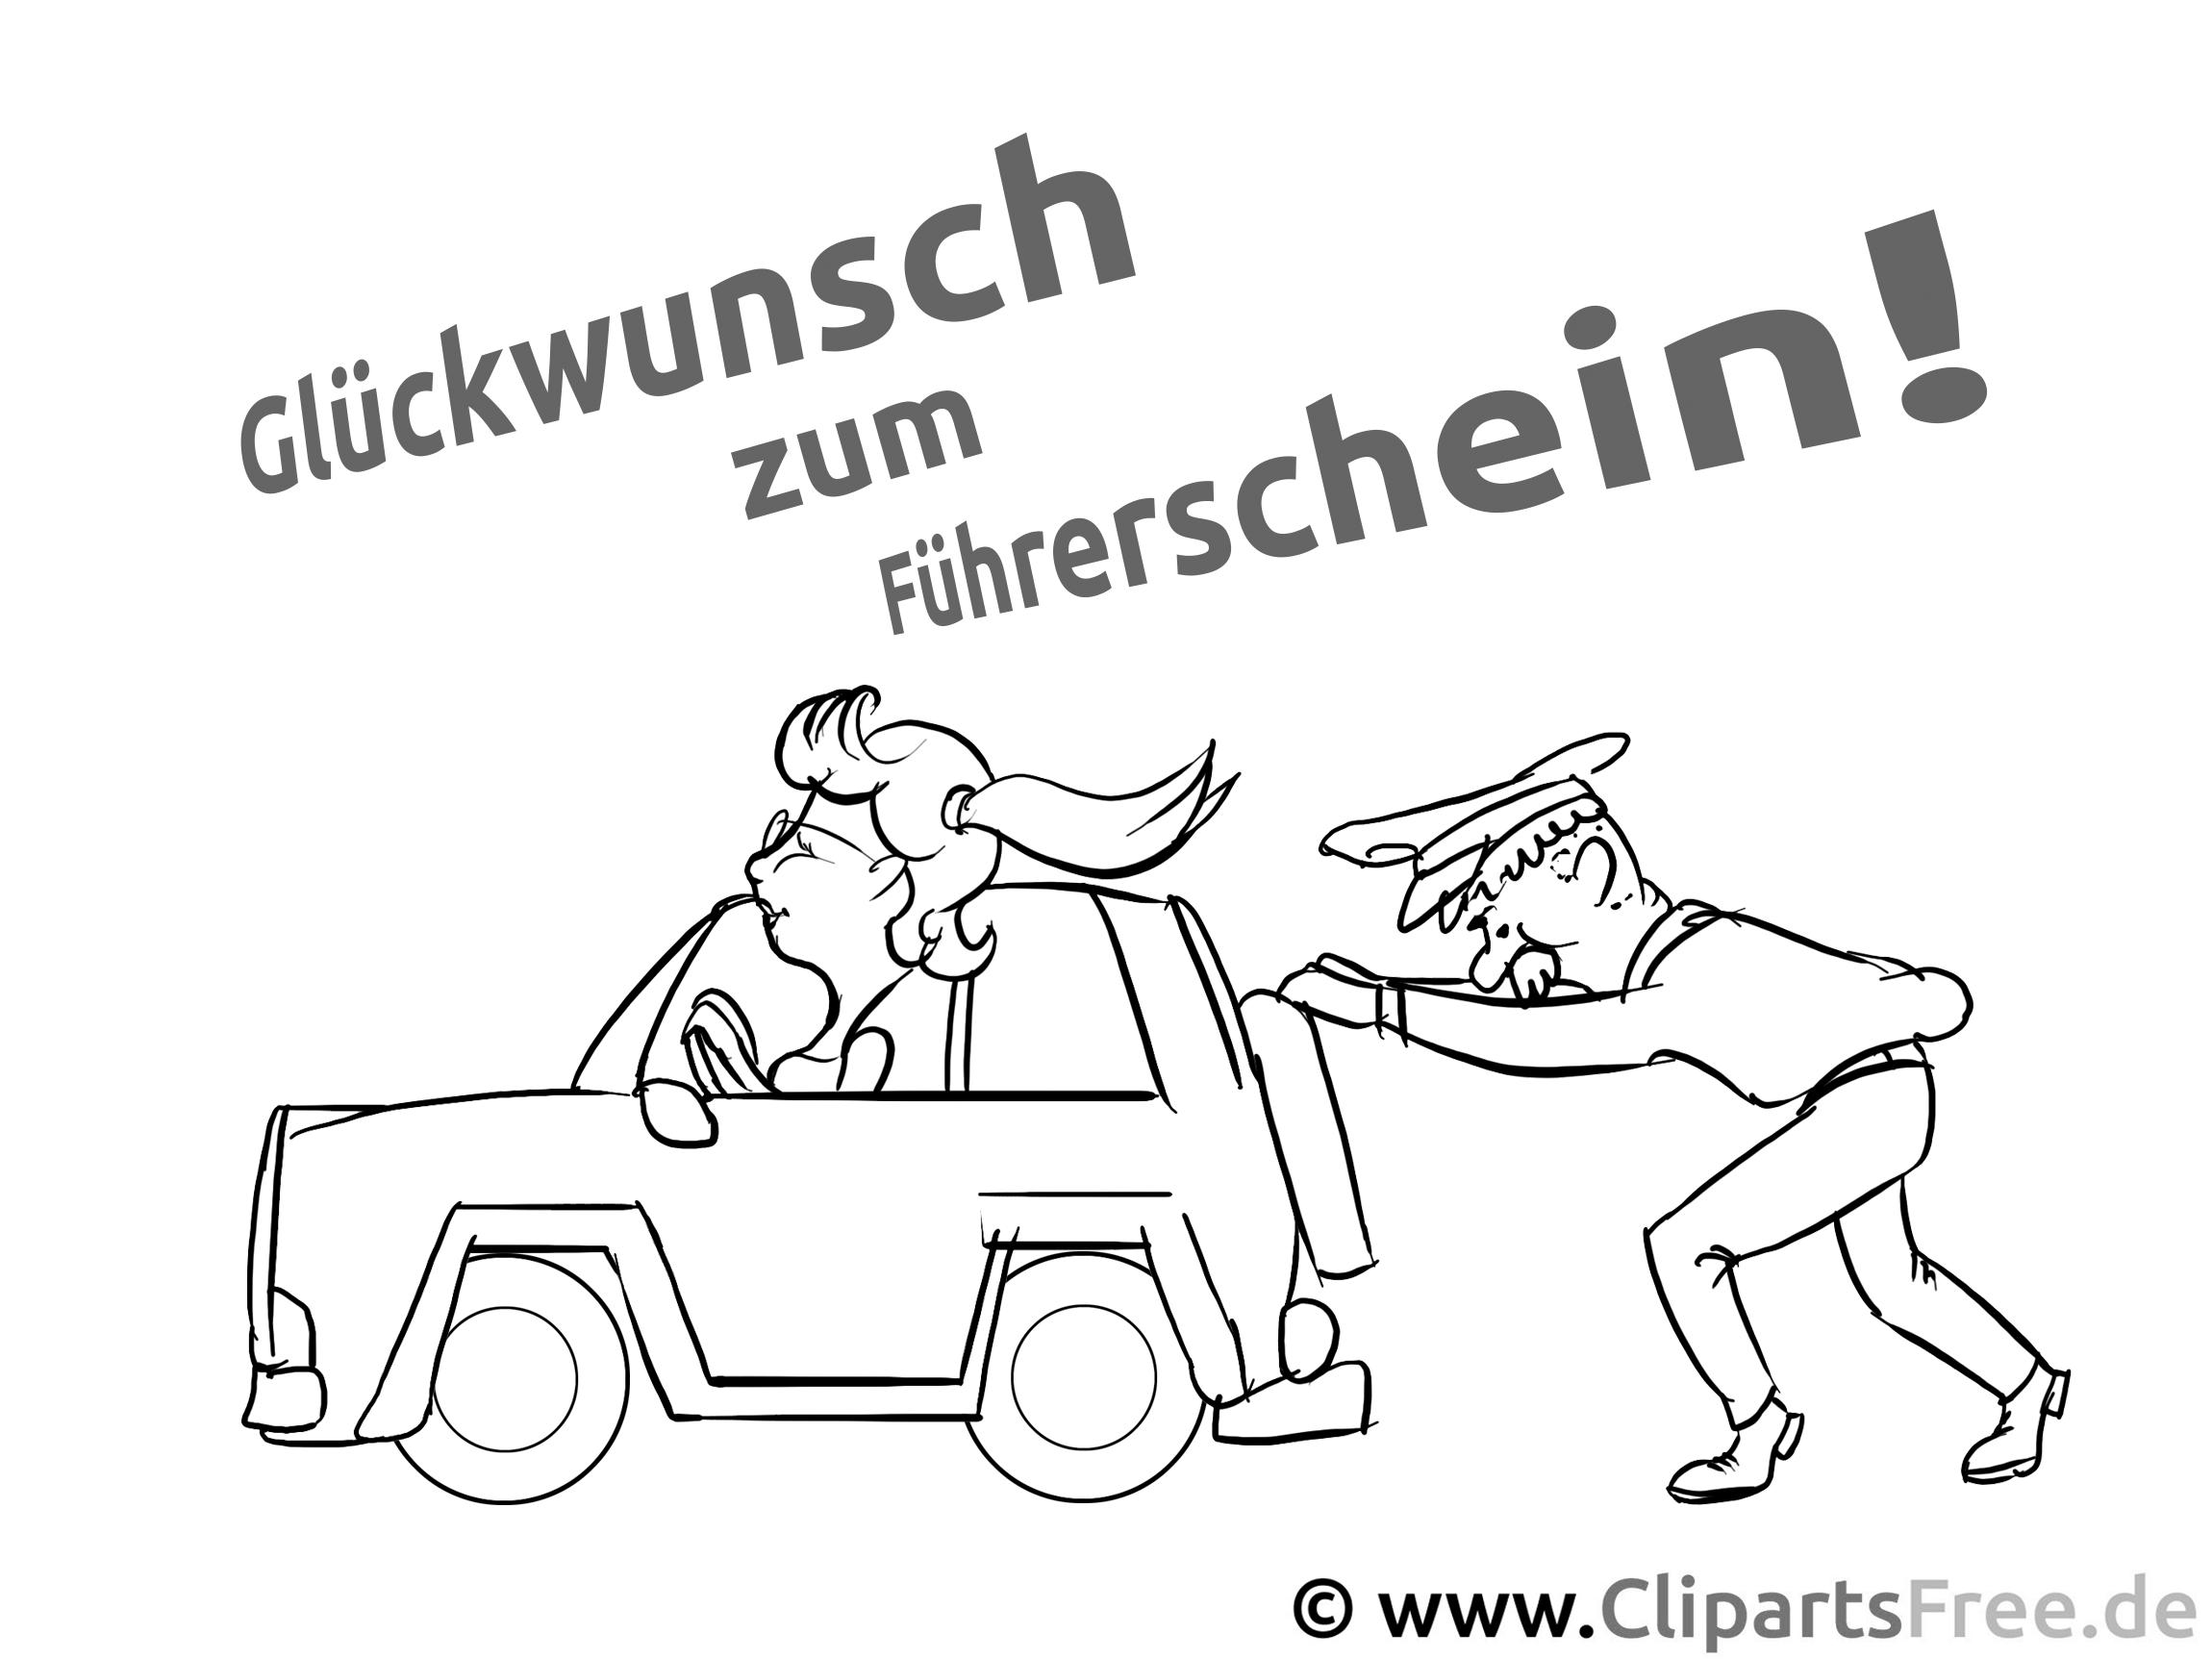 Malbilder zum Ausmalen zum Thema Autos und Fuehrerschein